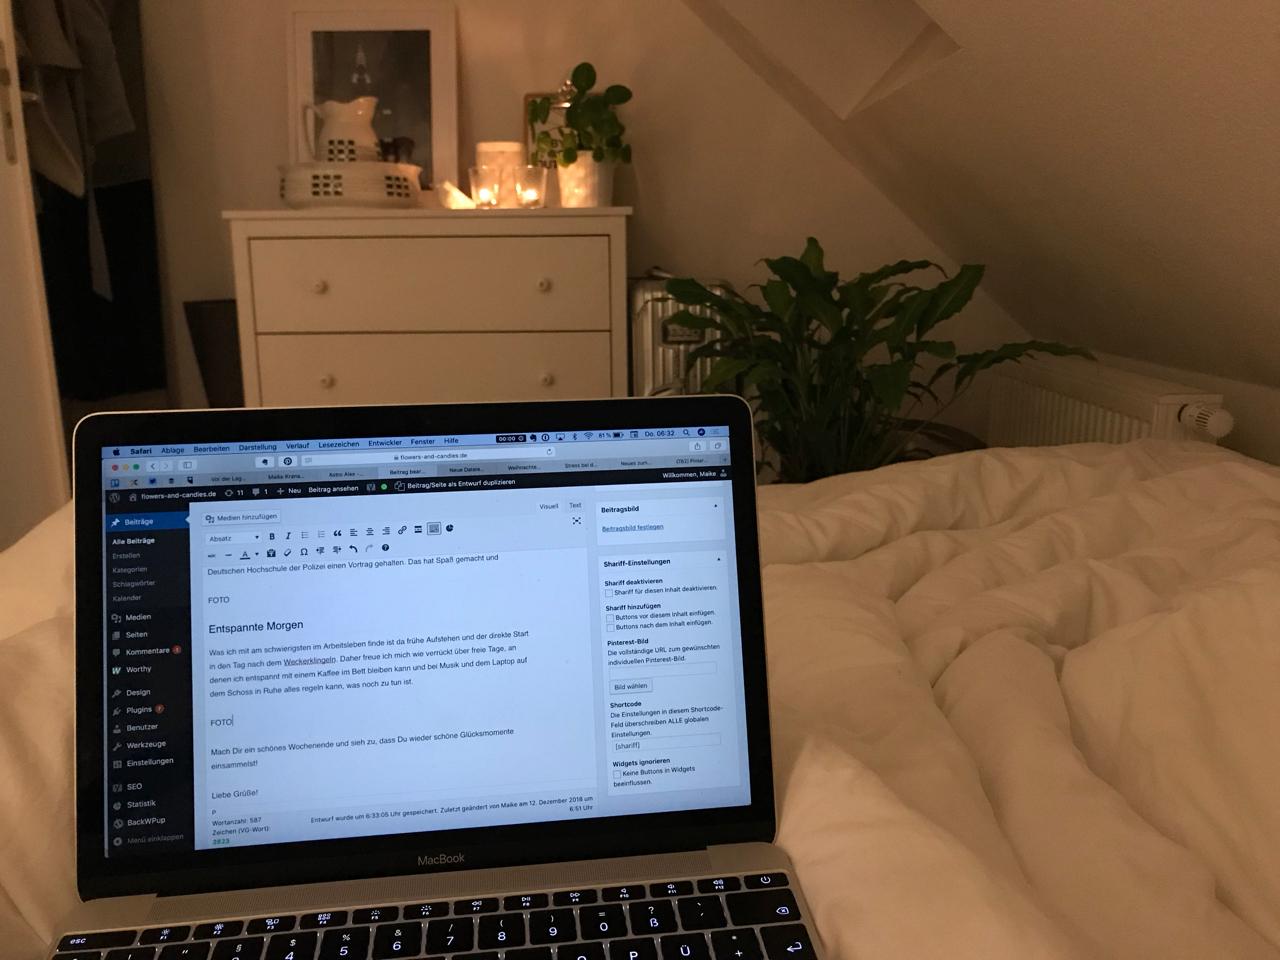 Kaffee im Bett: Laptop auf dem Schoss, im Hintergrund brennen Kerzen